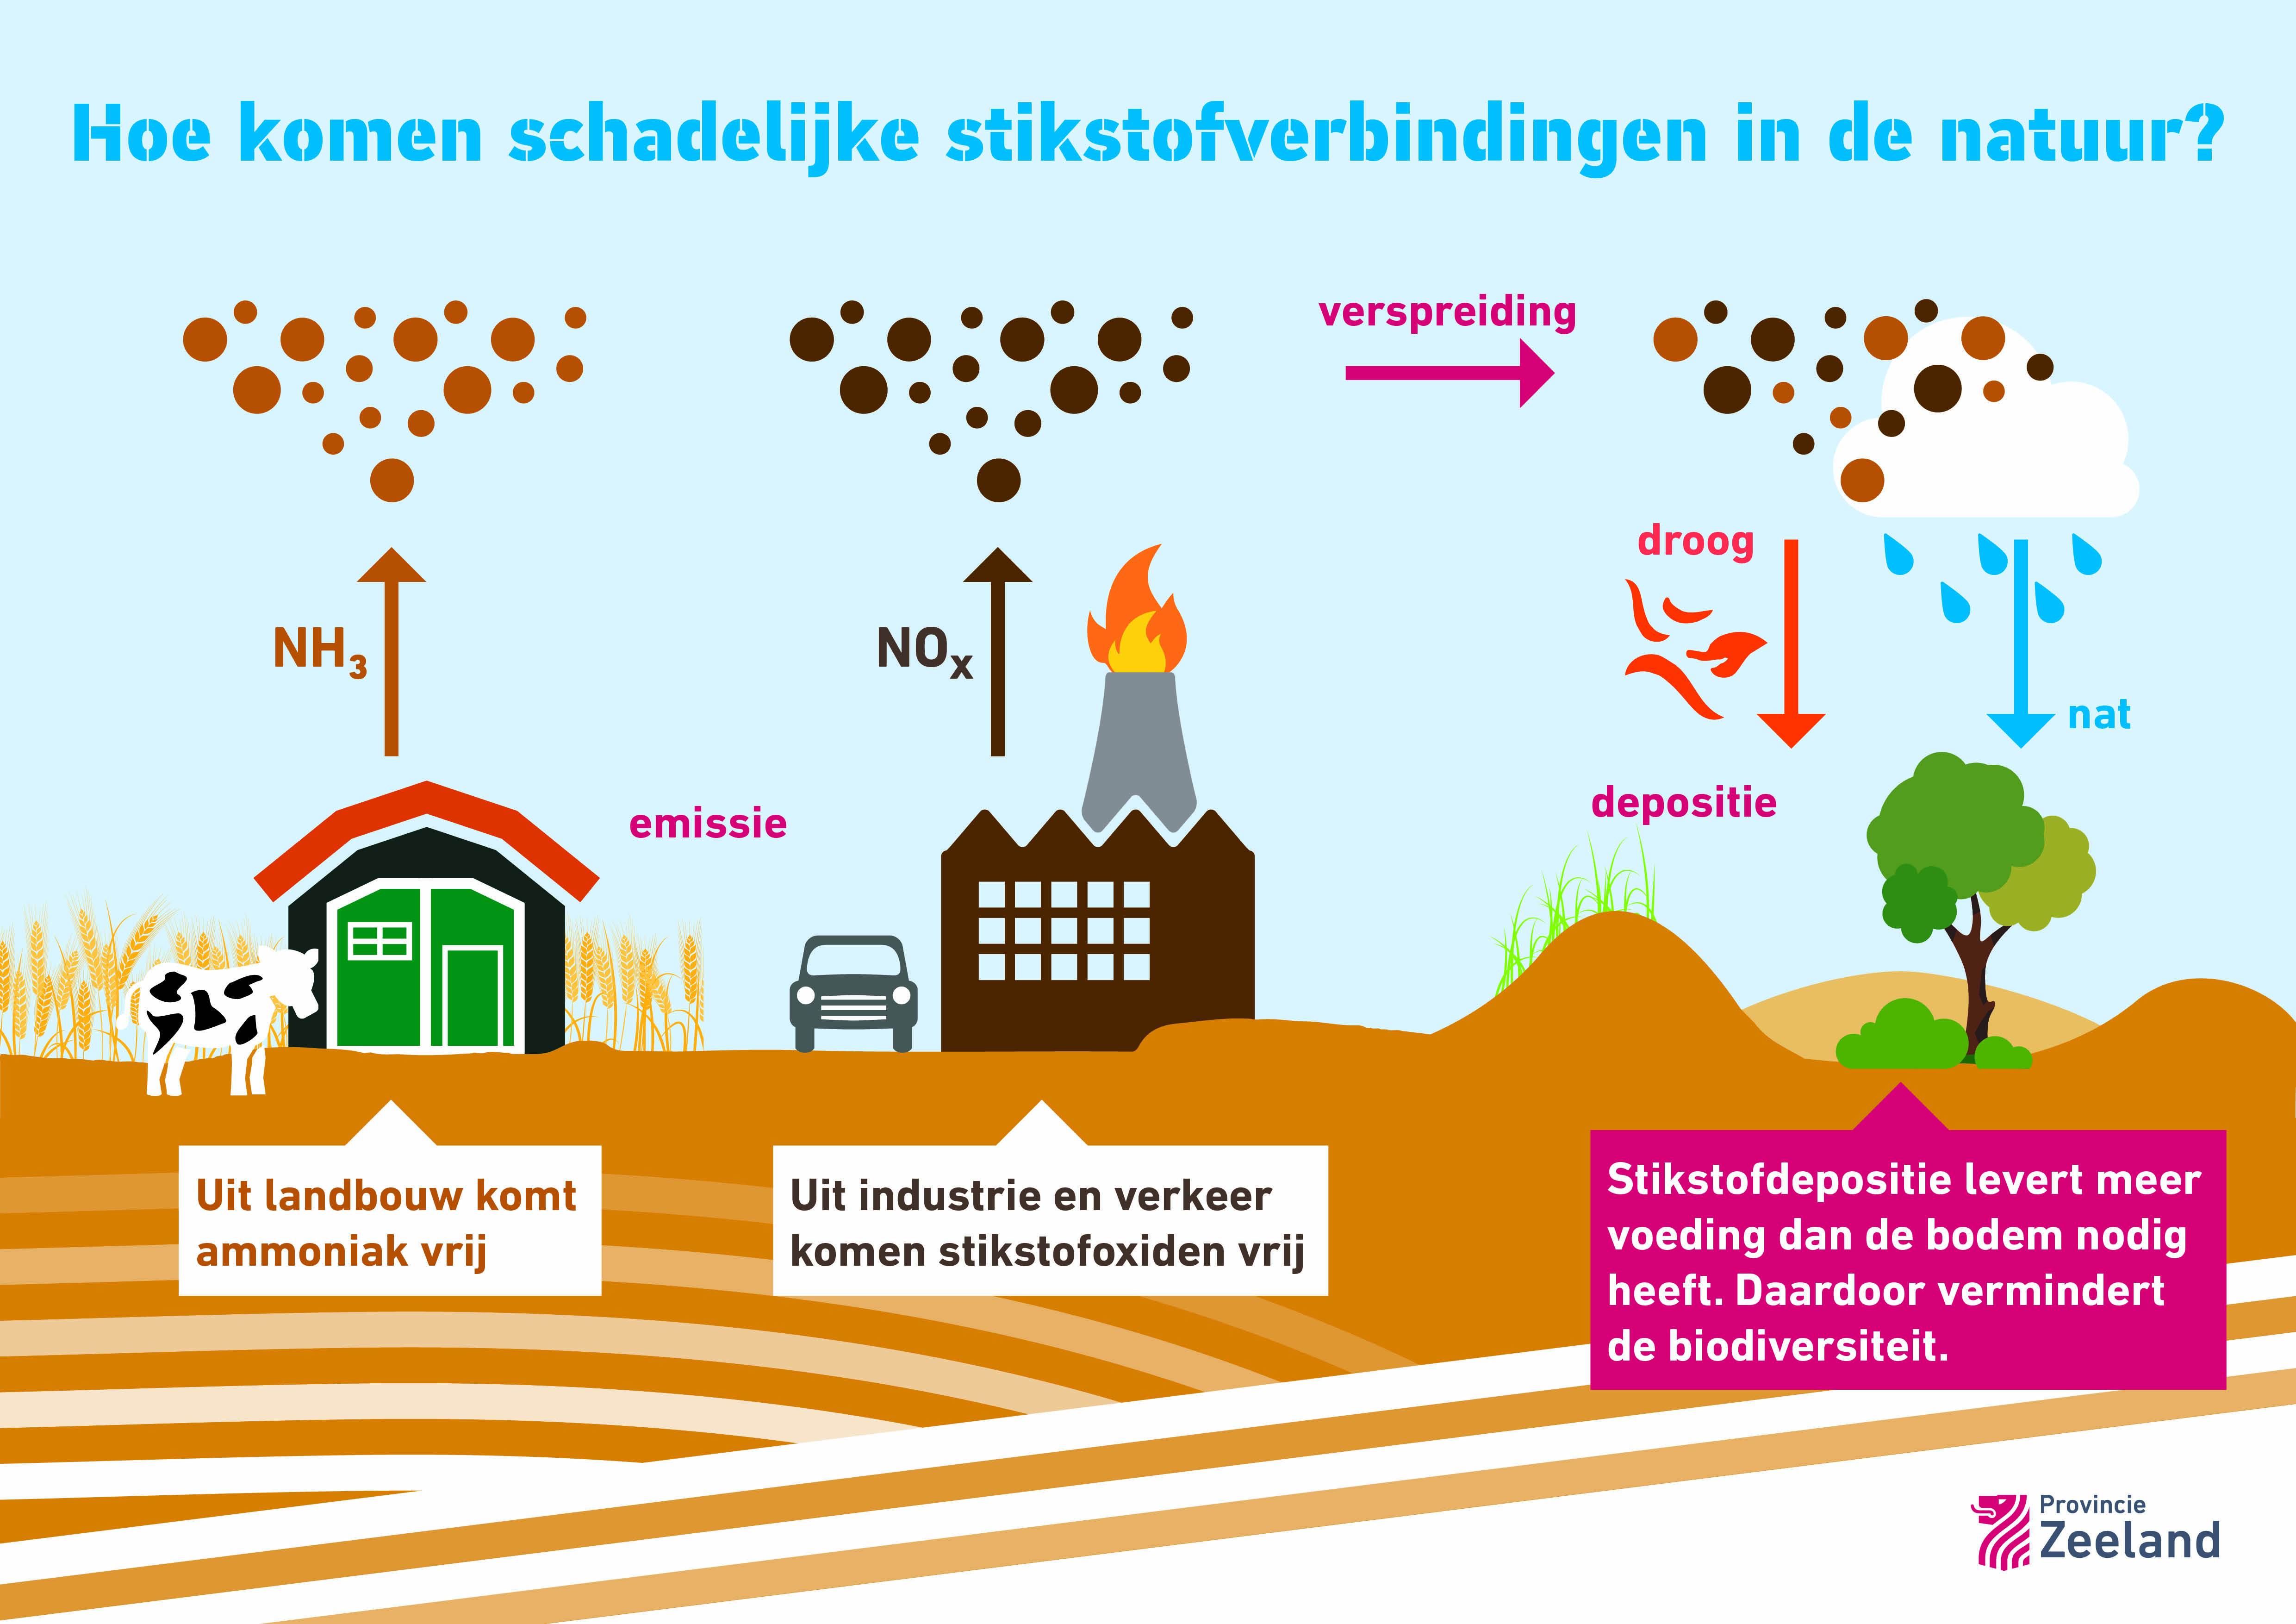 infographic Hoe komen schadelijke stikstofverbindingen in de natuur? Uit landbouw komt ammoniak vrij. Uit industrie en verkeer komen stikstofoxiden vrij. Stikstofdepositie levert meer voeding dan de bodem nodig heeft.